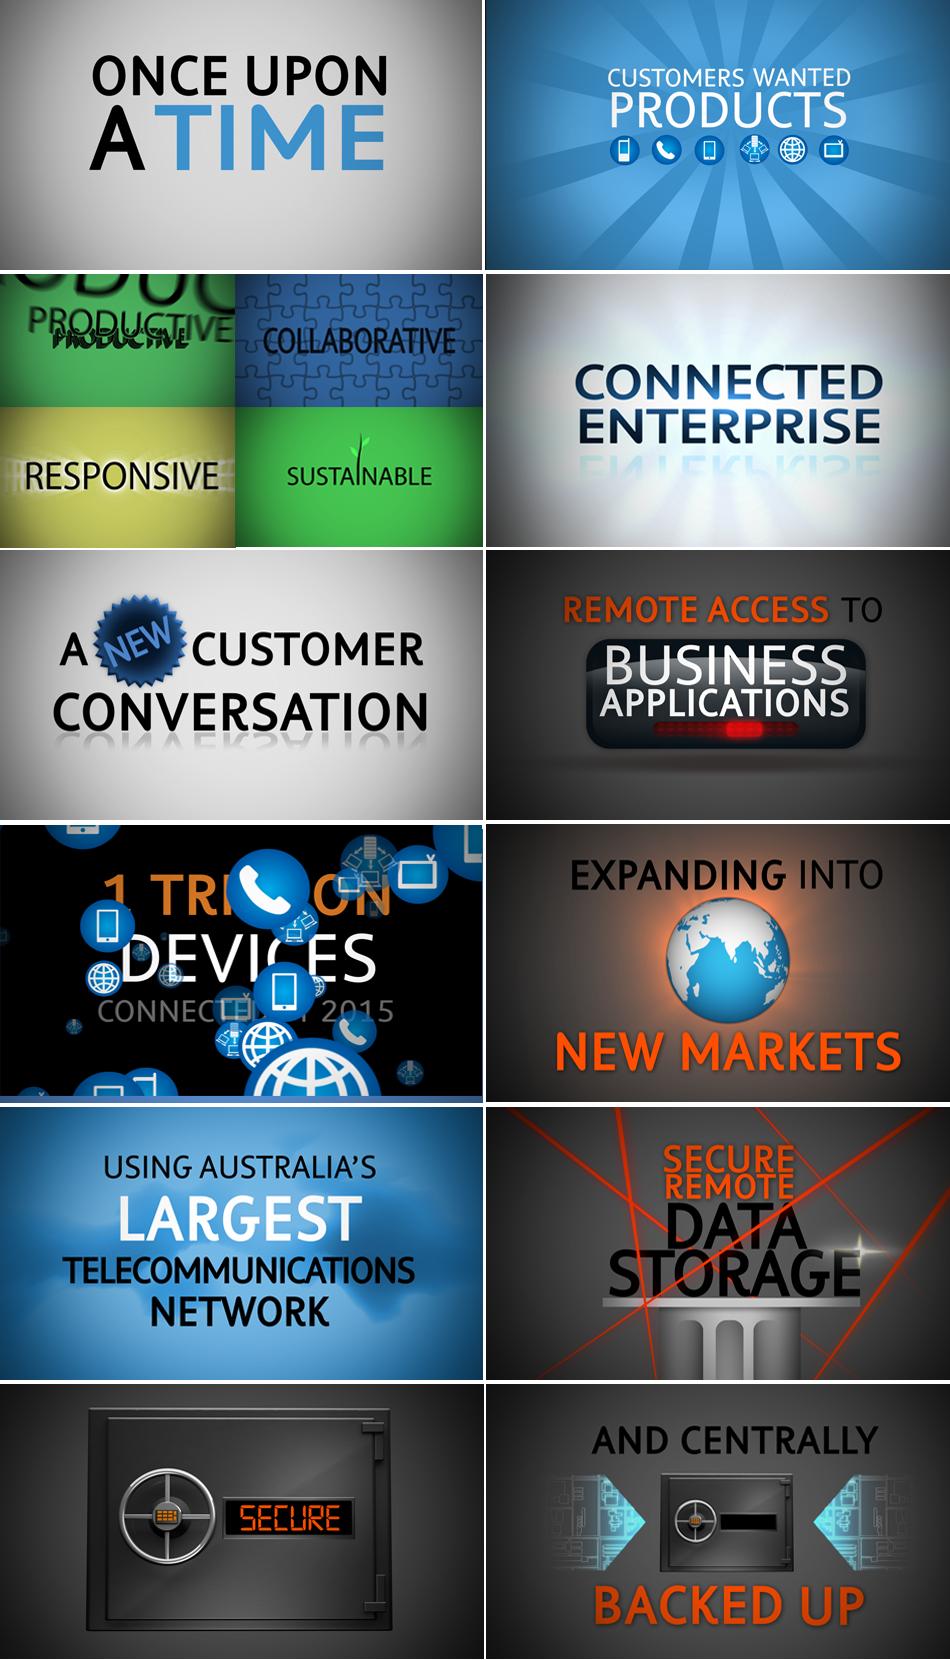 Connected Enterprise Explained